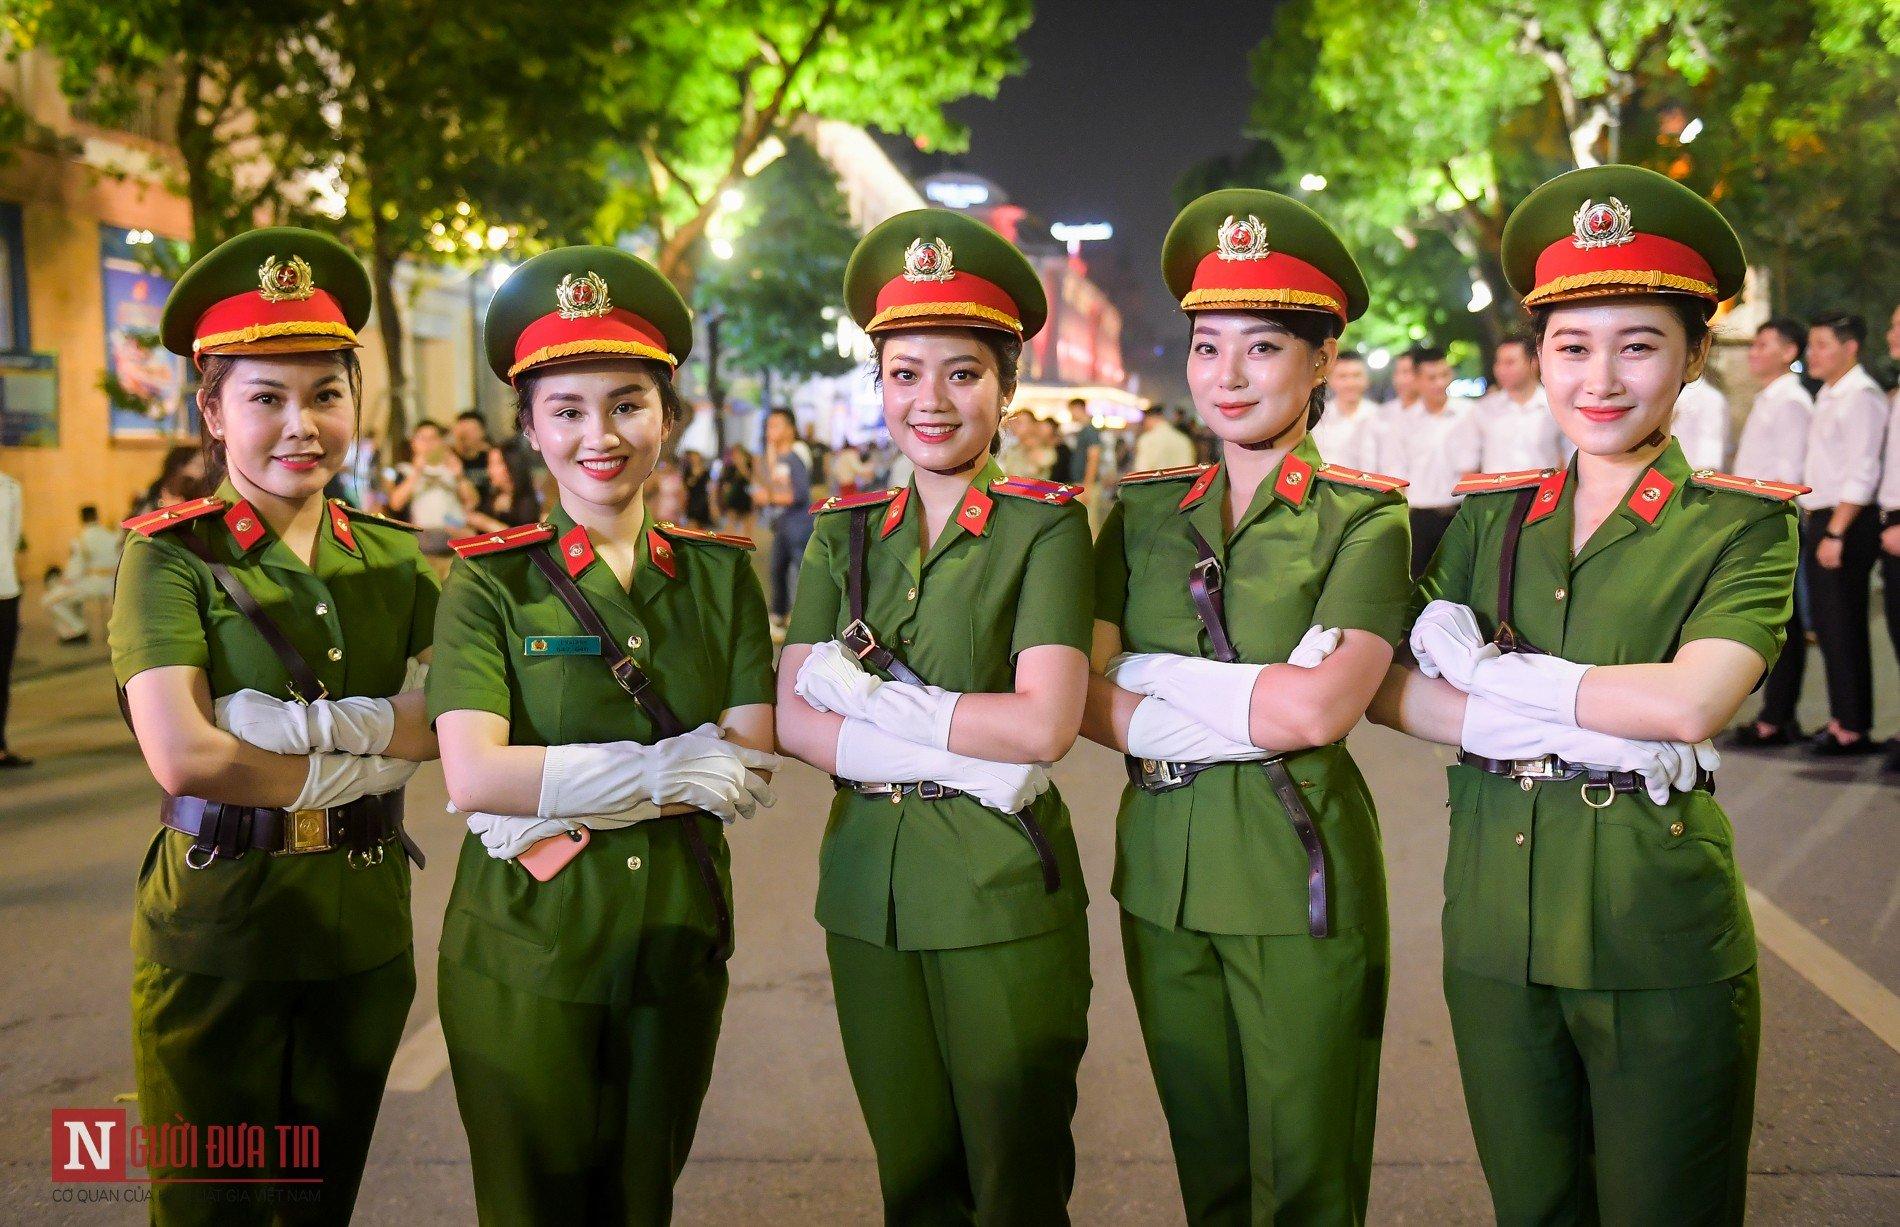 Ngất ngây nhan sắc nữ chiến sĩ Đoàn nghi lễ Bộ Công An 3